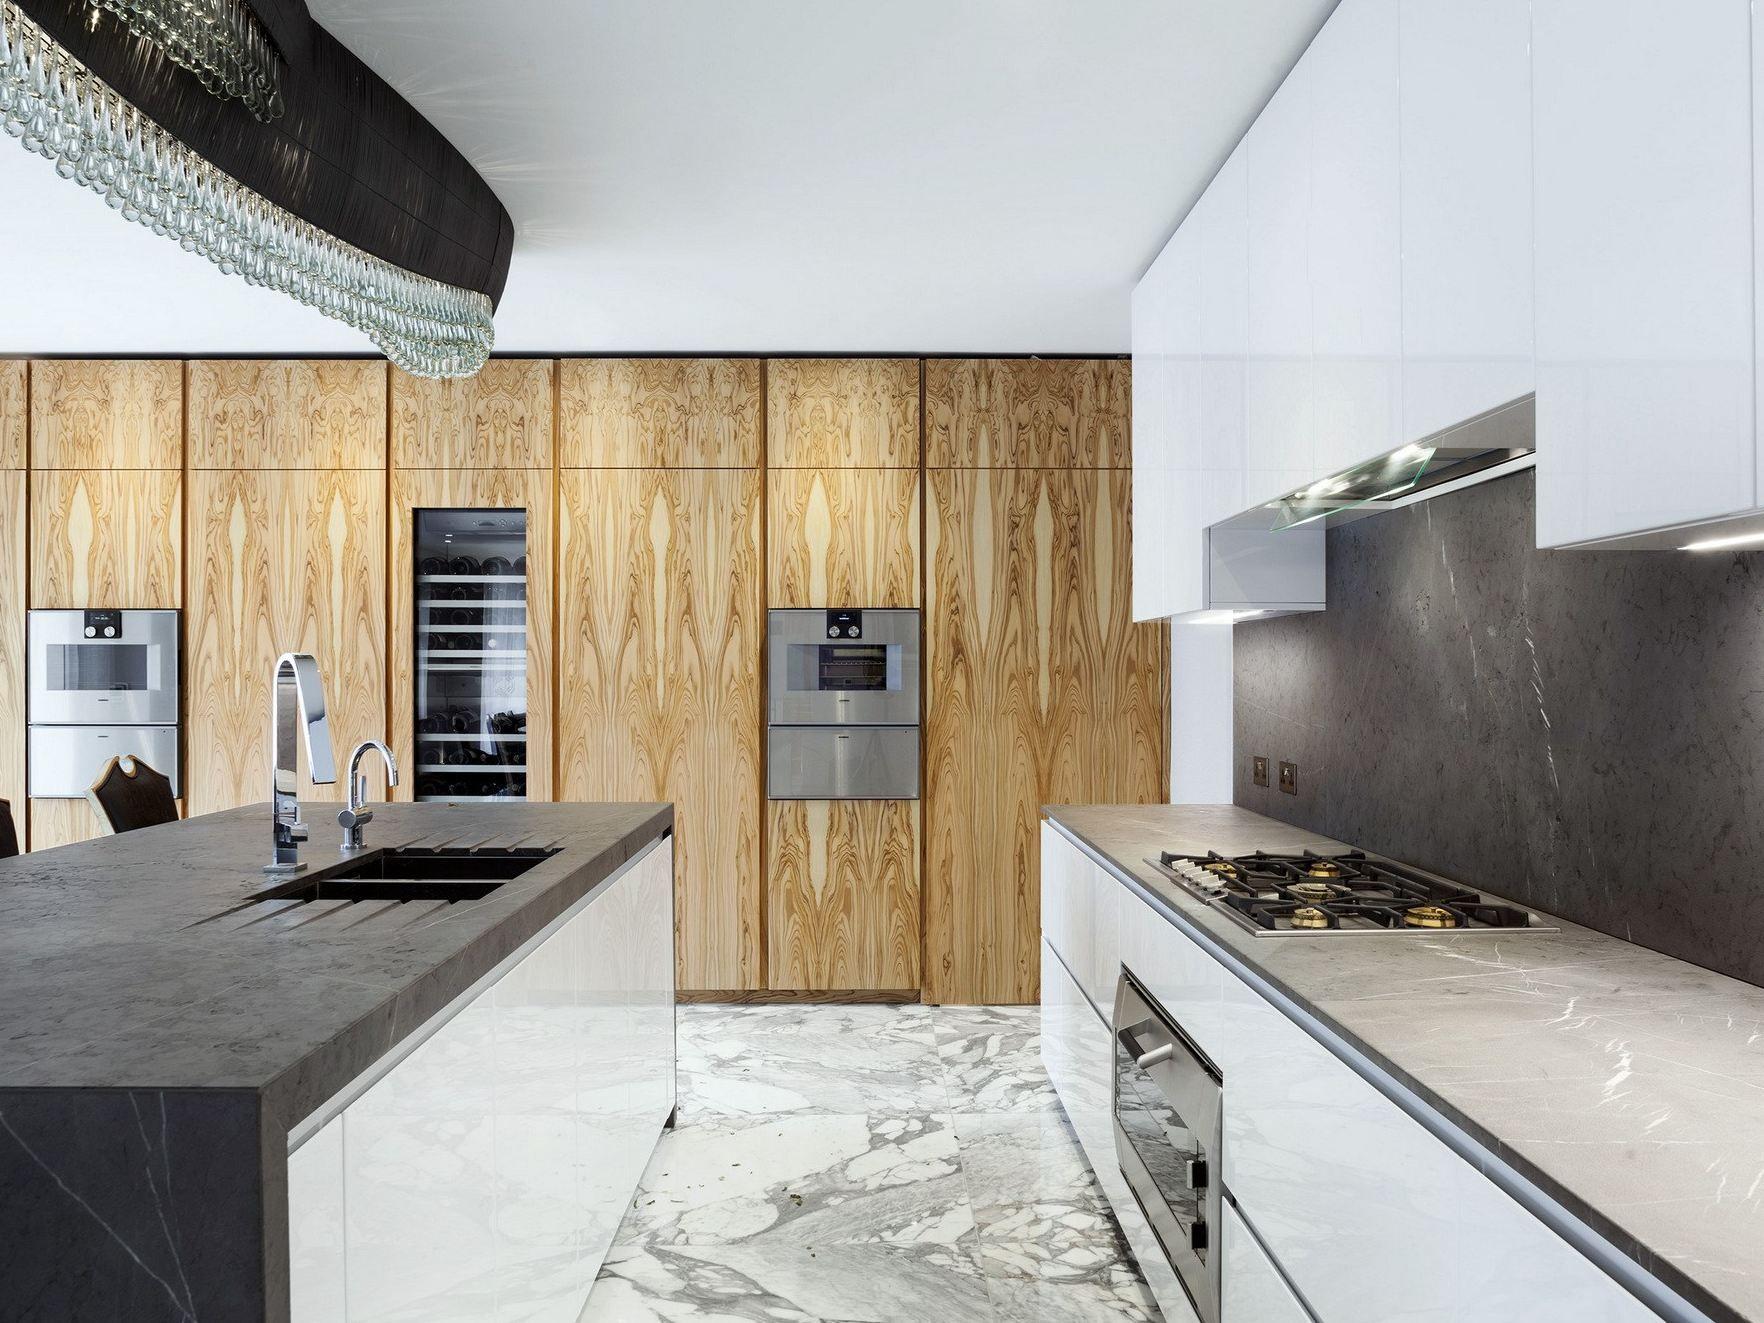 T30 cucina in pietra naturale by tm italia cucine - Cucine in pietra ...